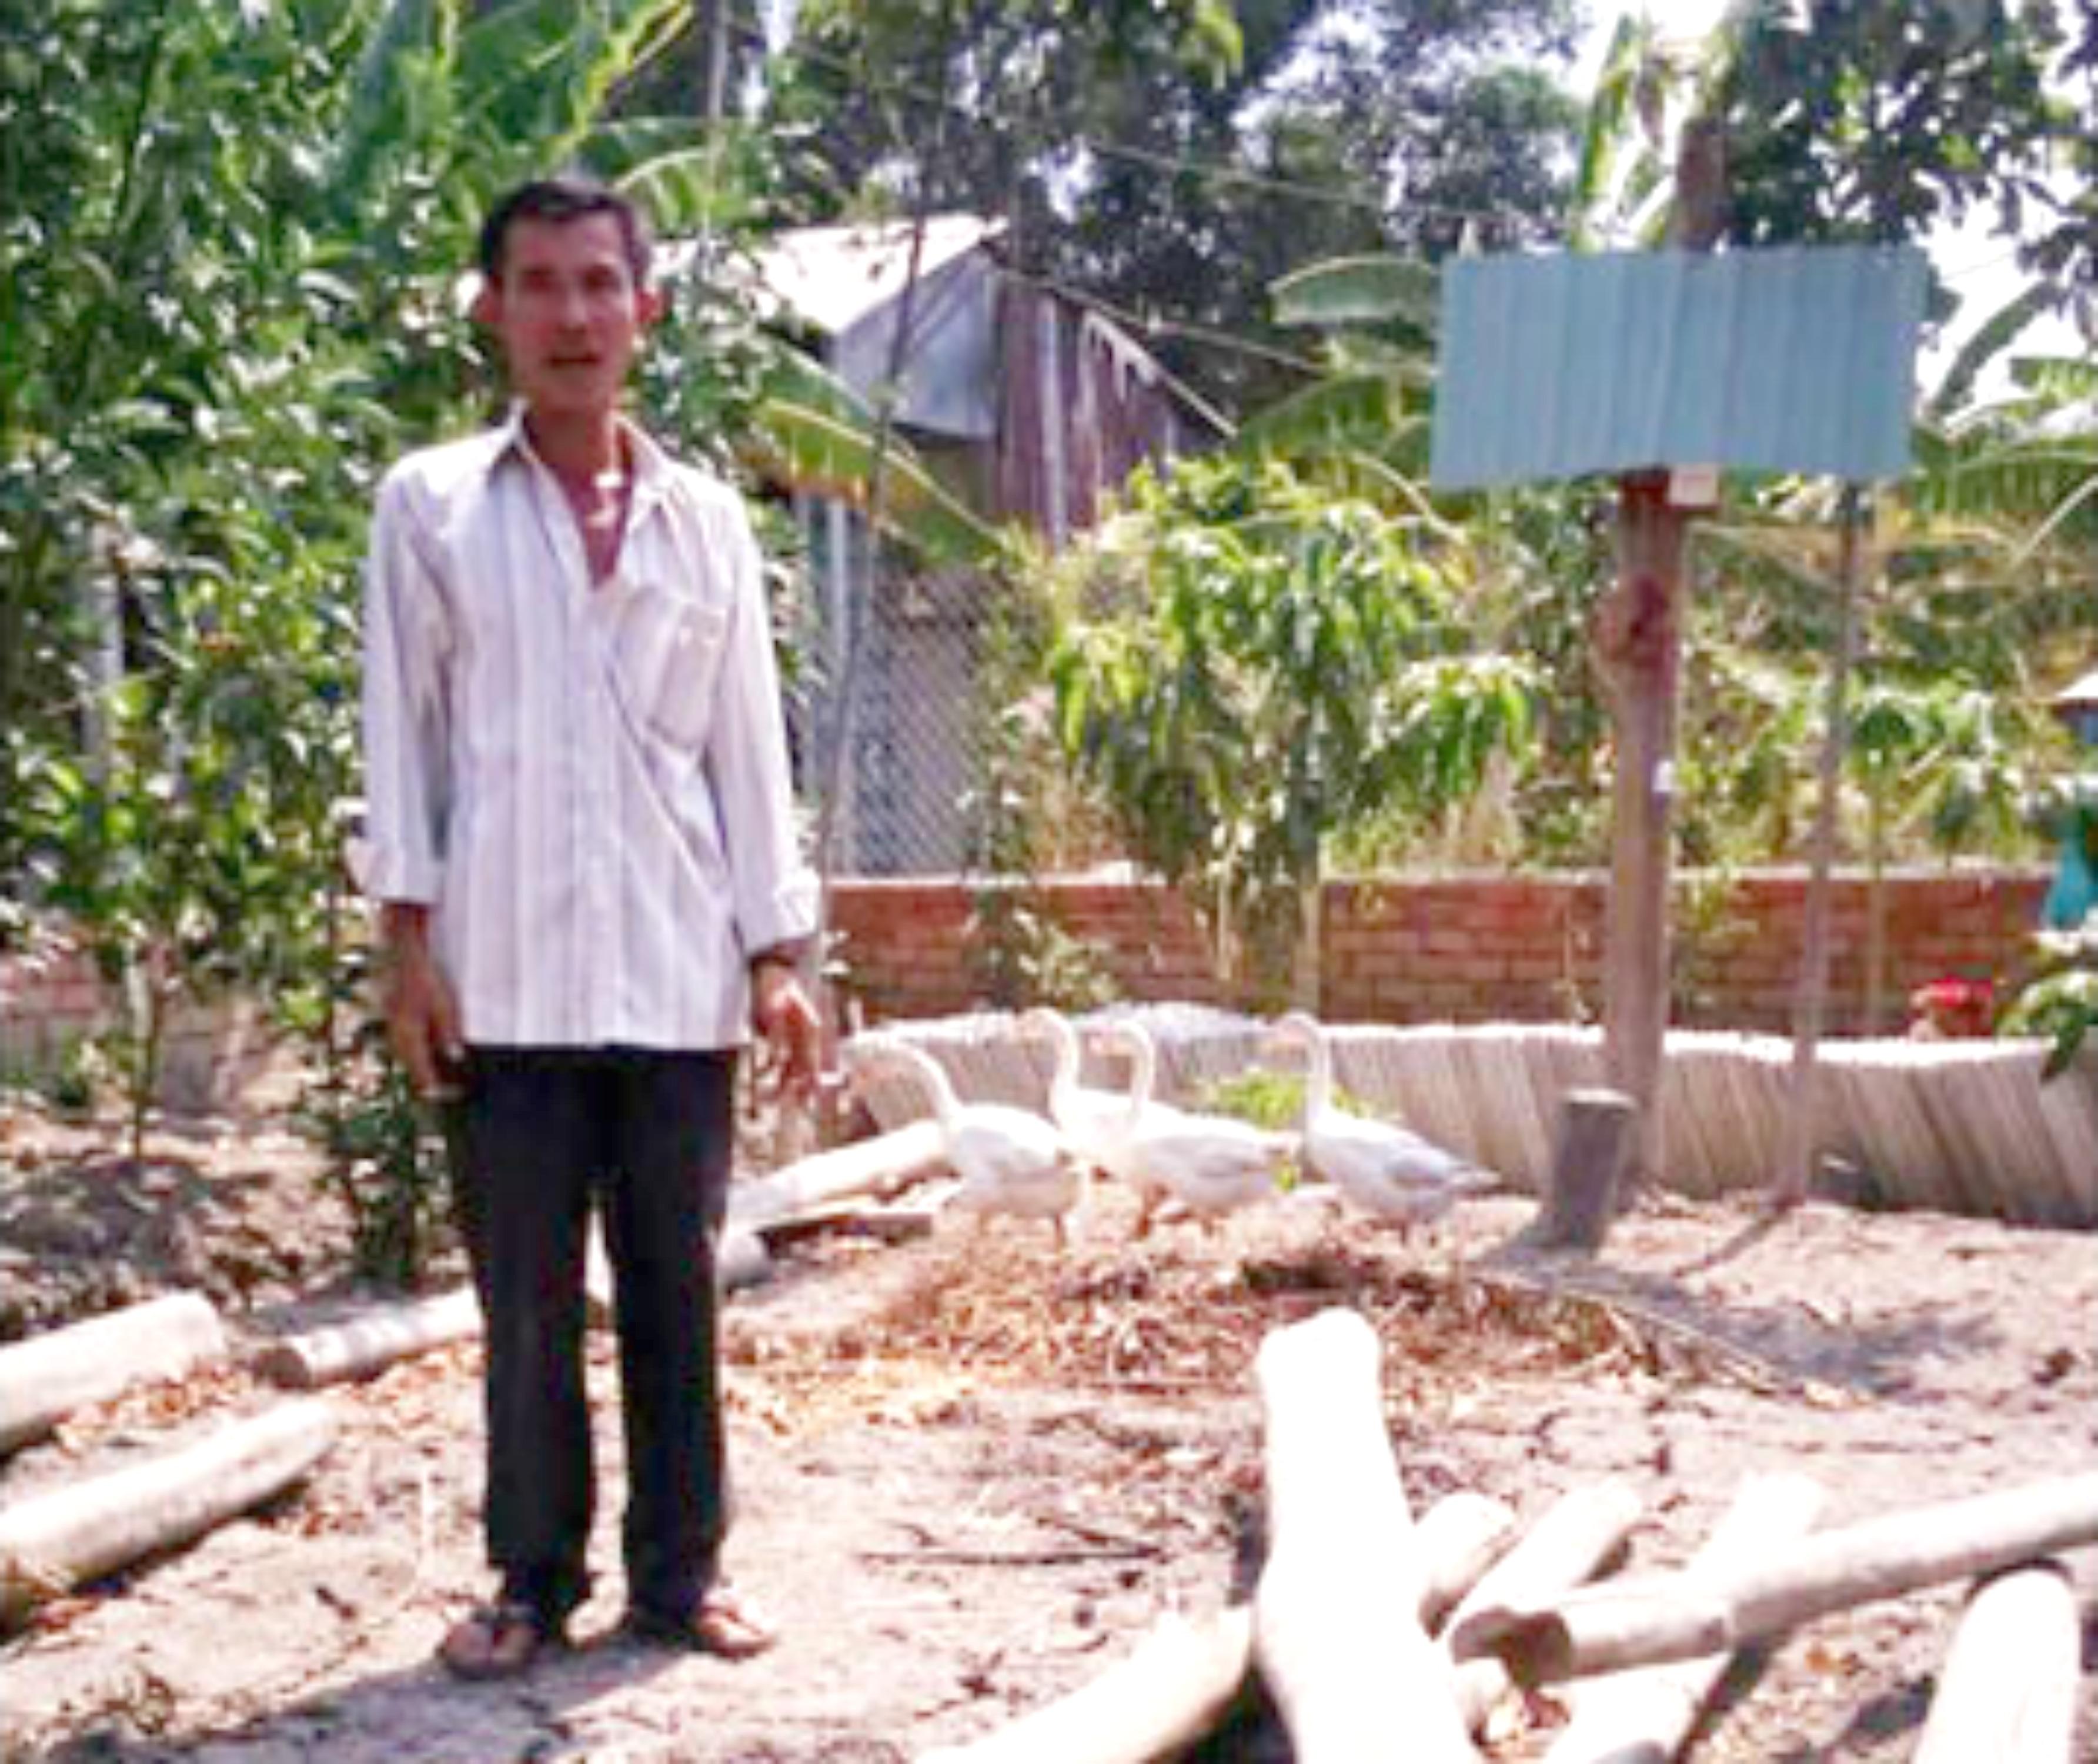 Một người dân bị khởi tố hình sự vì dựng chòi nuôi vịt